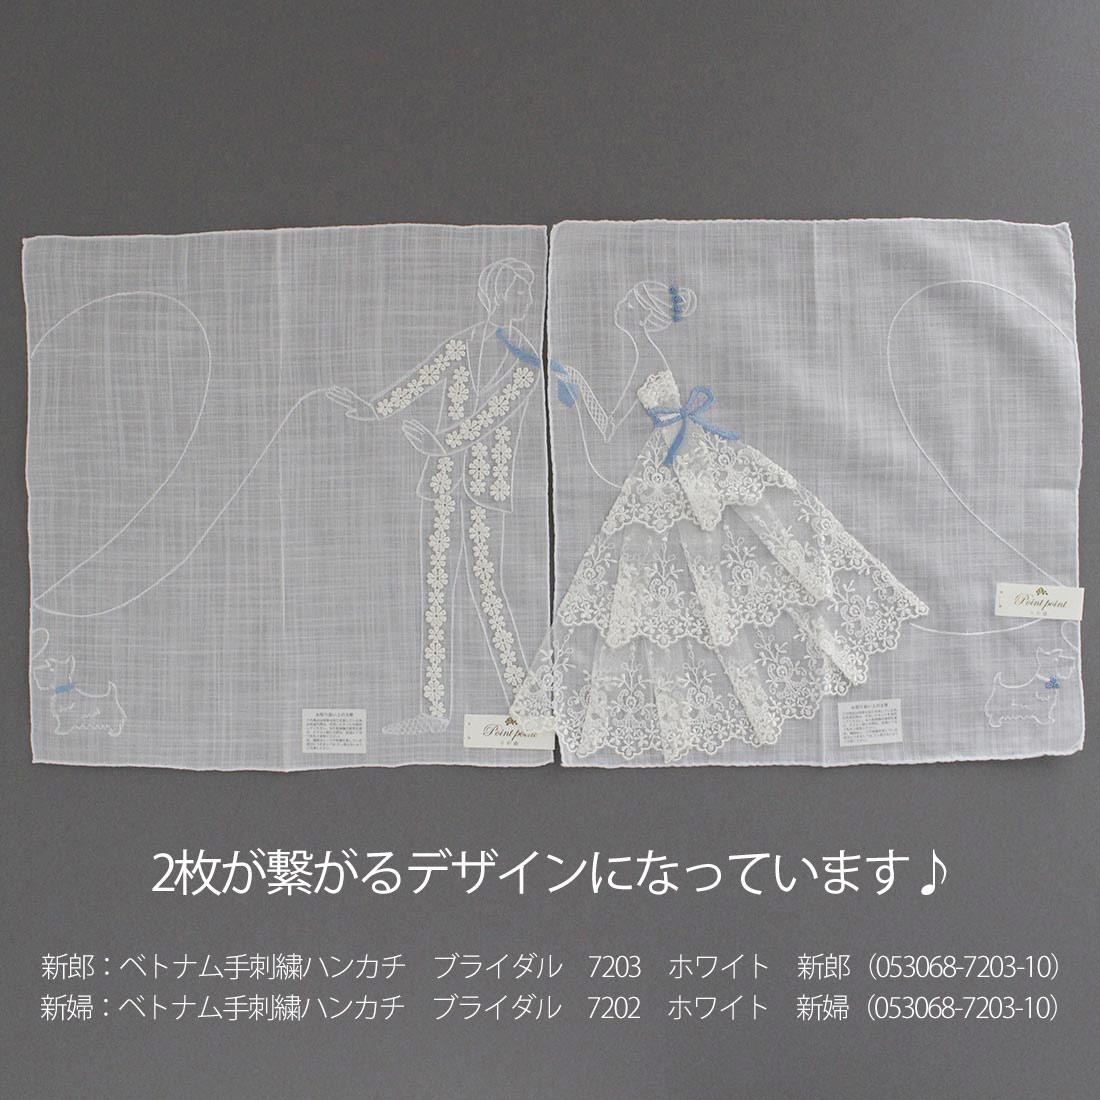 ベトナム手刺繍ハンカチ ブライダル 7202 ホワイト 新婦